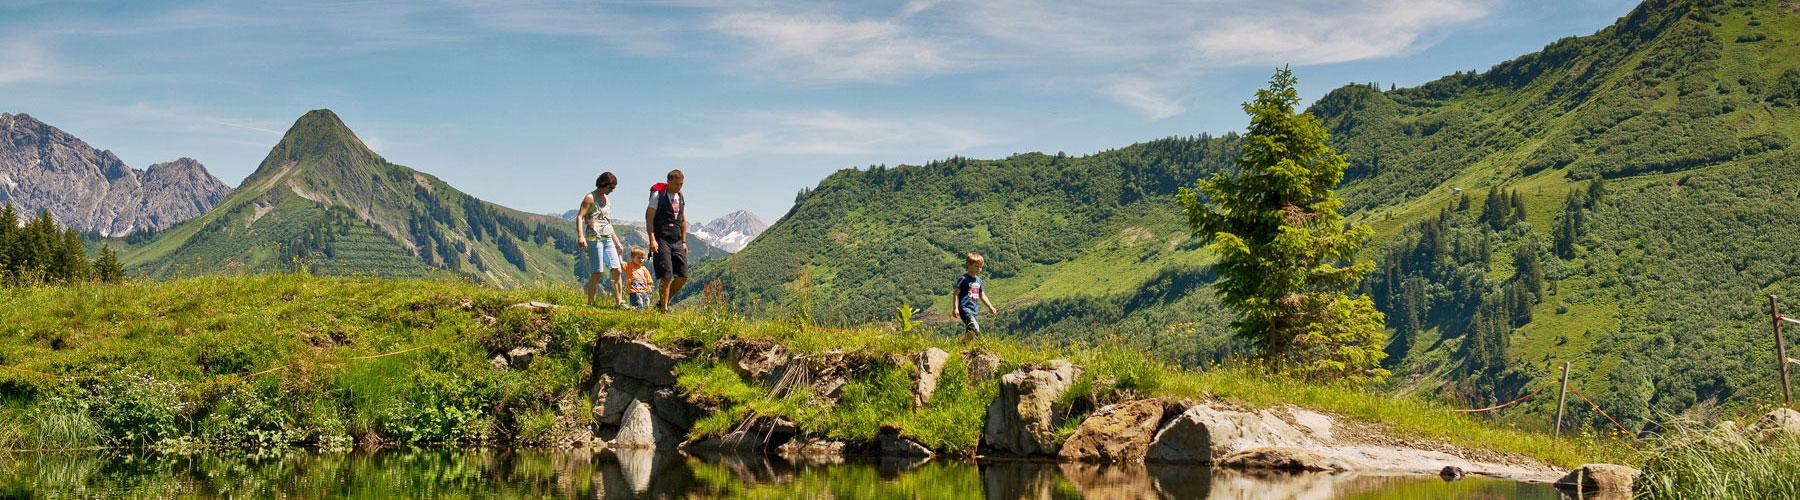 Wanderurlaub in Vorarlberg